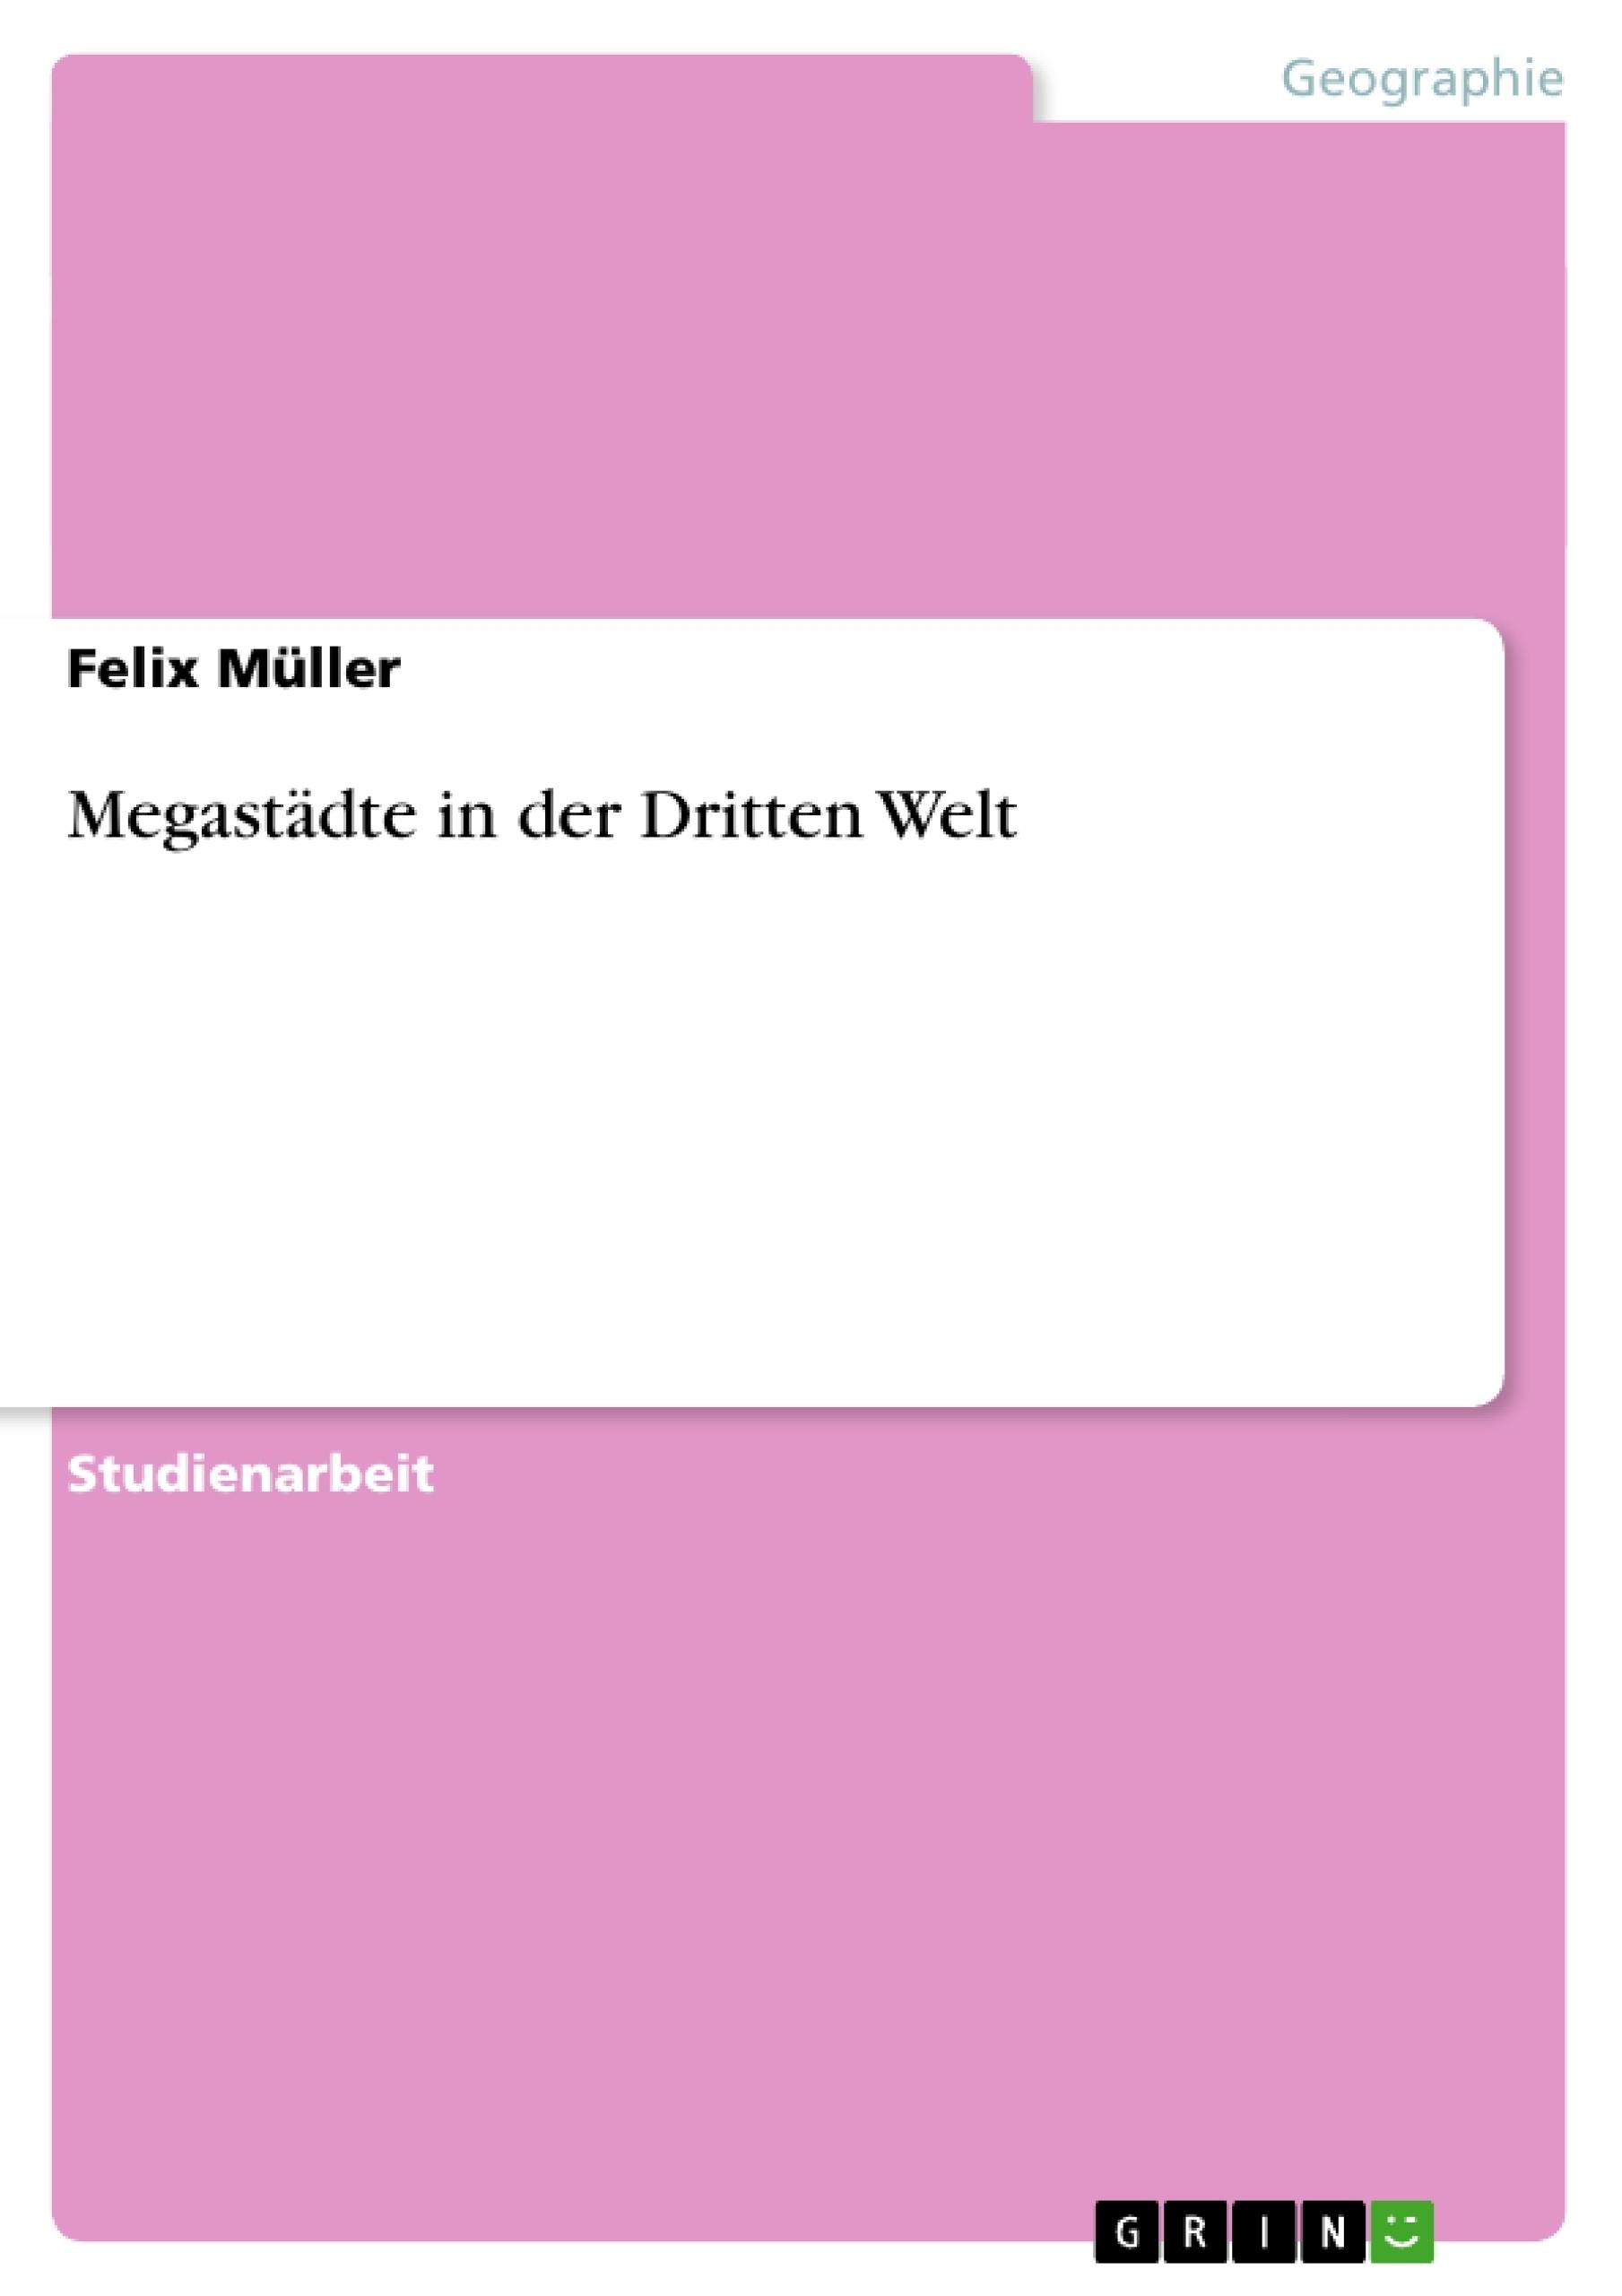 Titel: Megastädte in der Dritten Welt